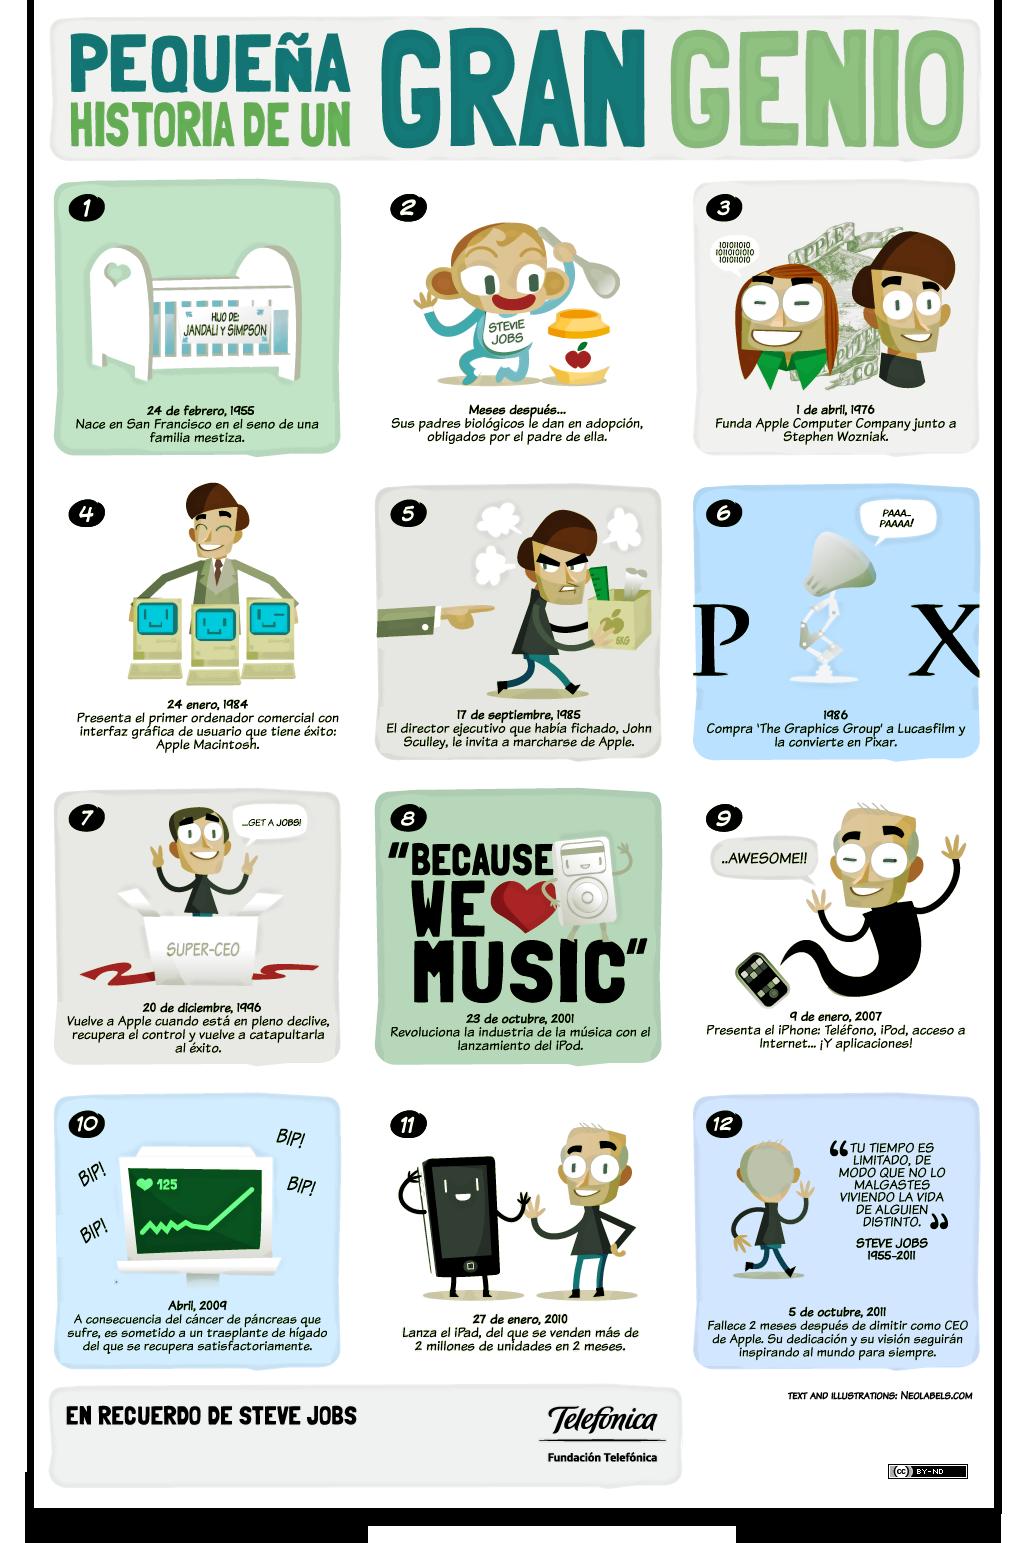 infografias-sacarnos-dudas-internet-seo-community-manager_2_973476